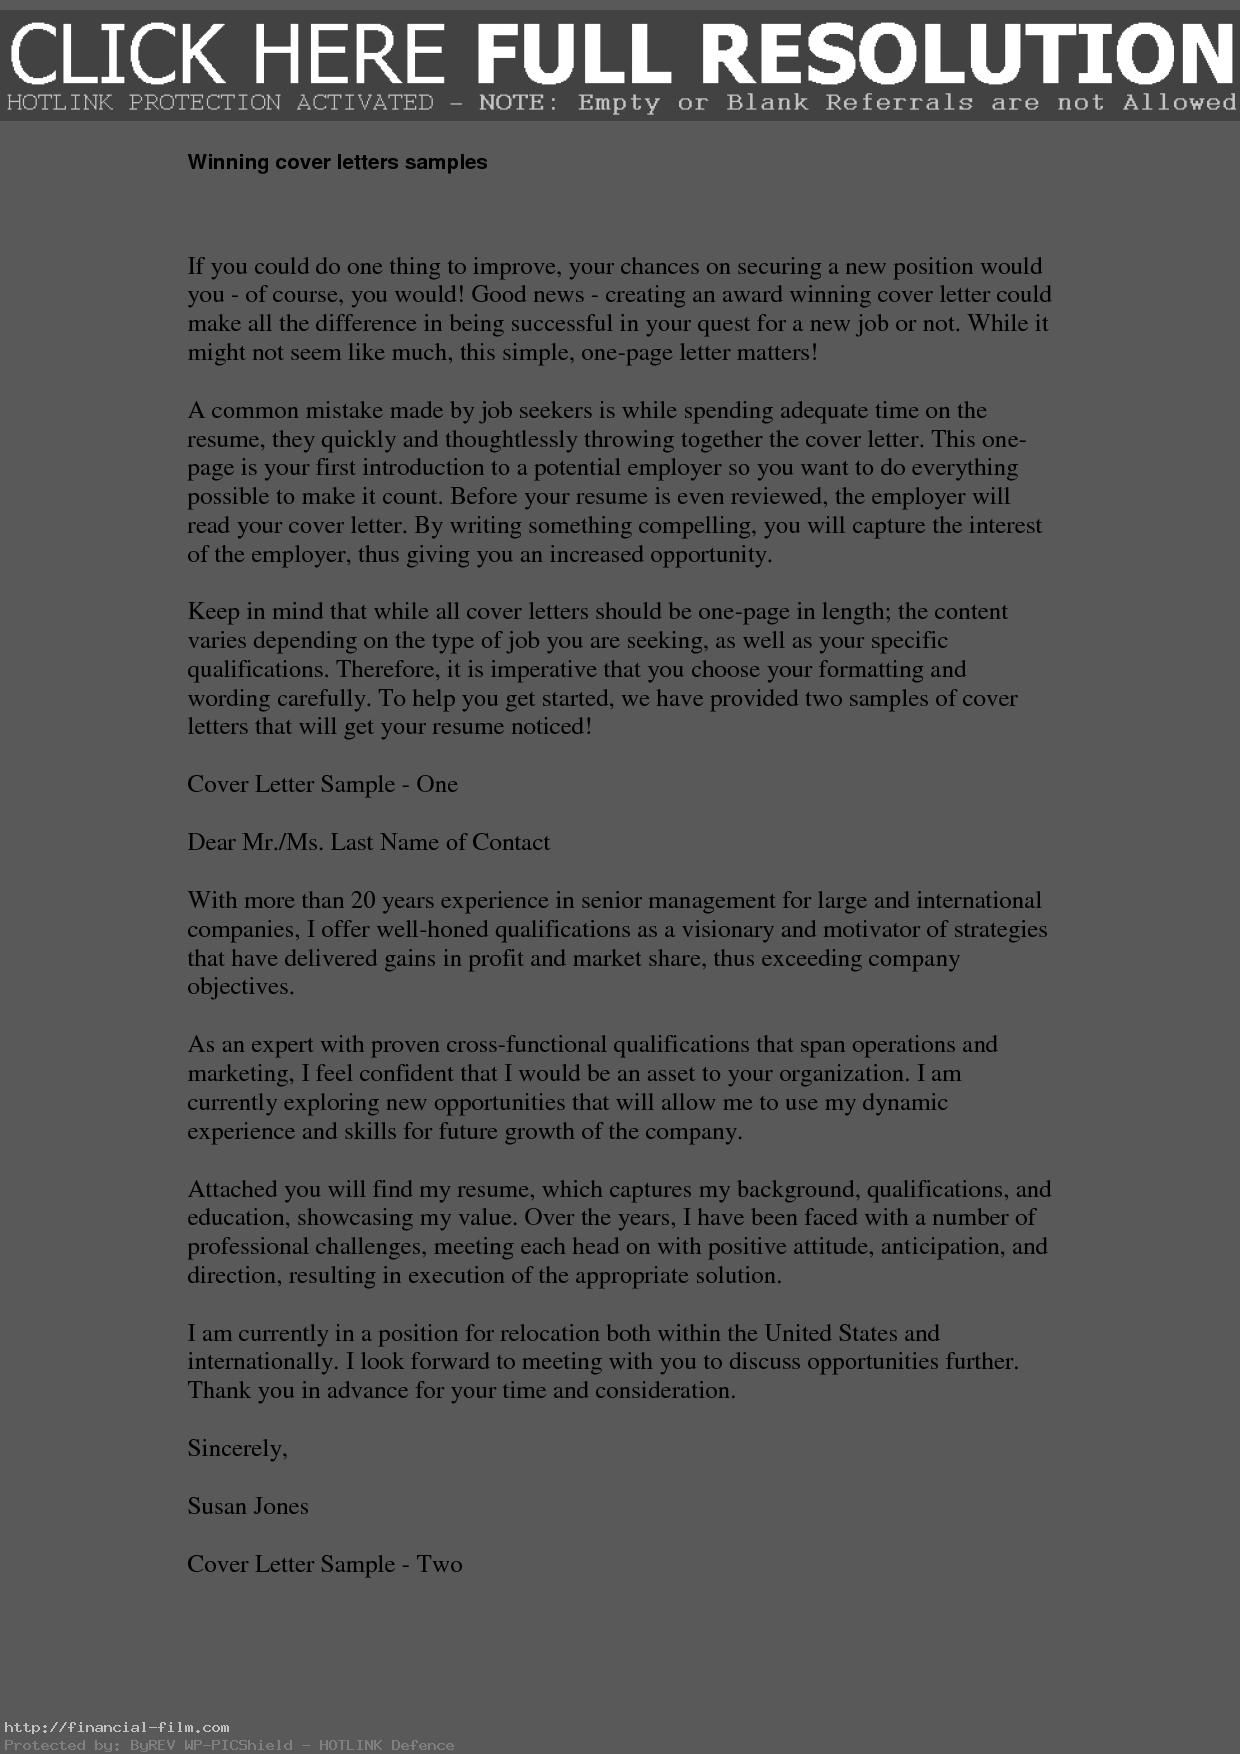 Cover Letter Document Blog Sample Stonevoices Inside  Home Design